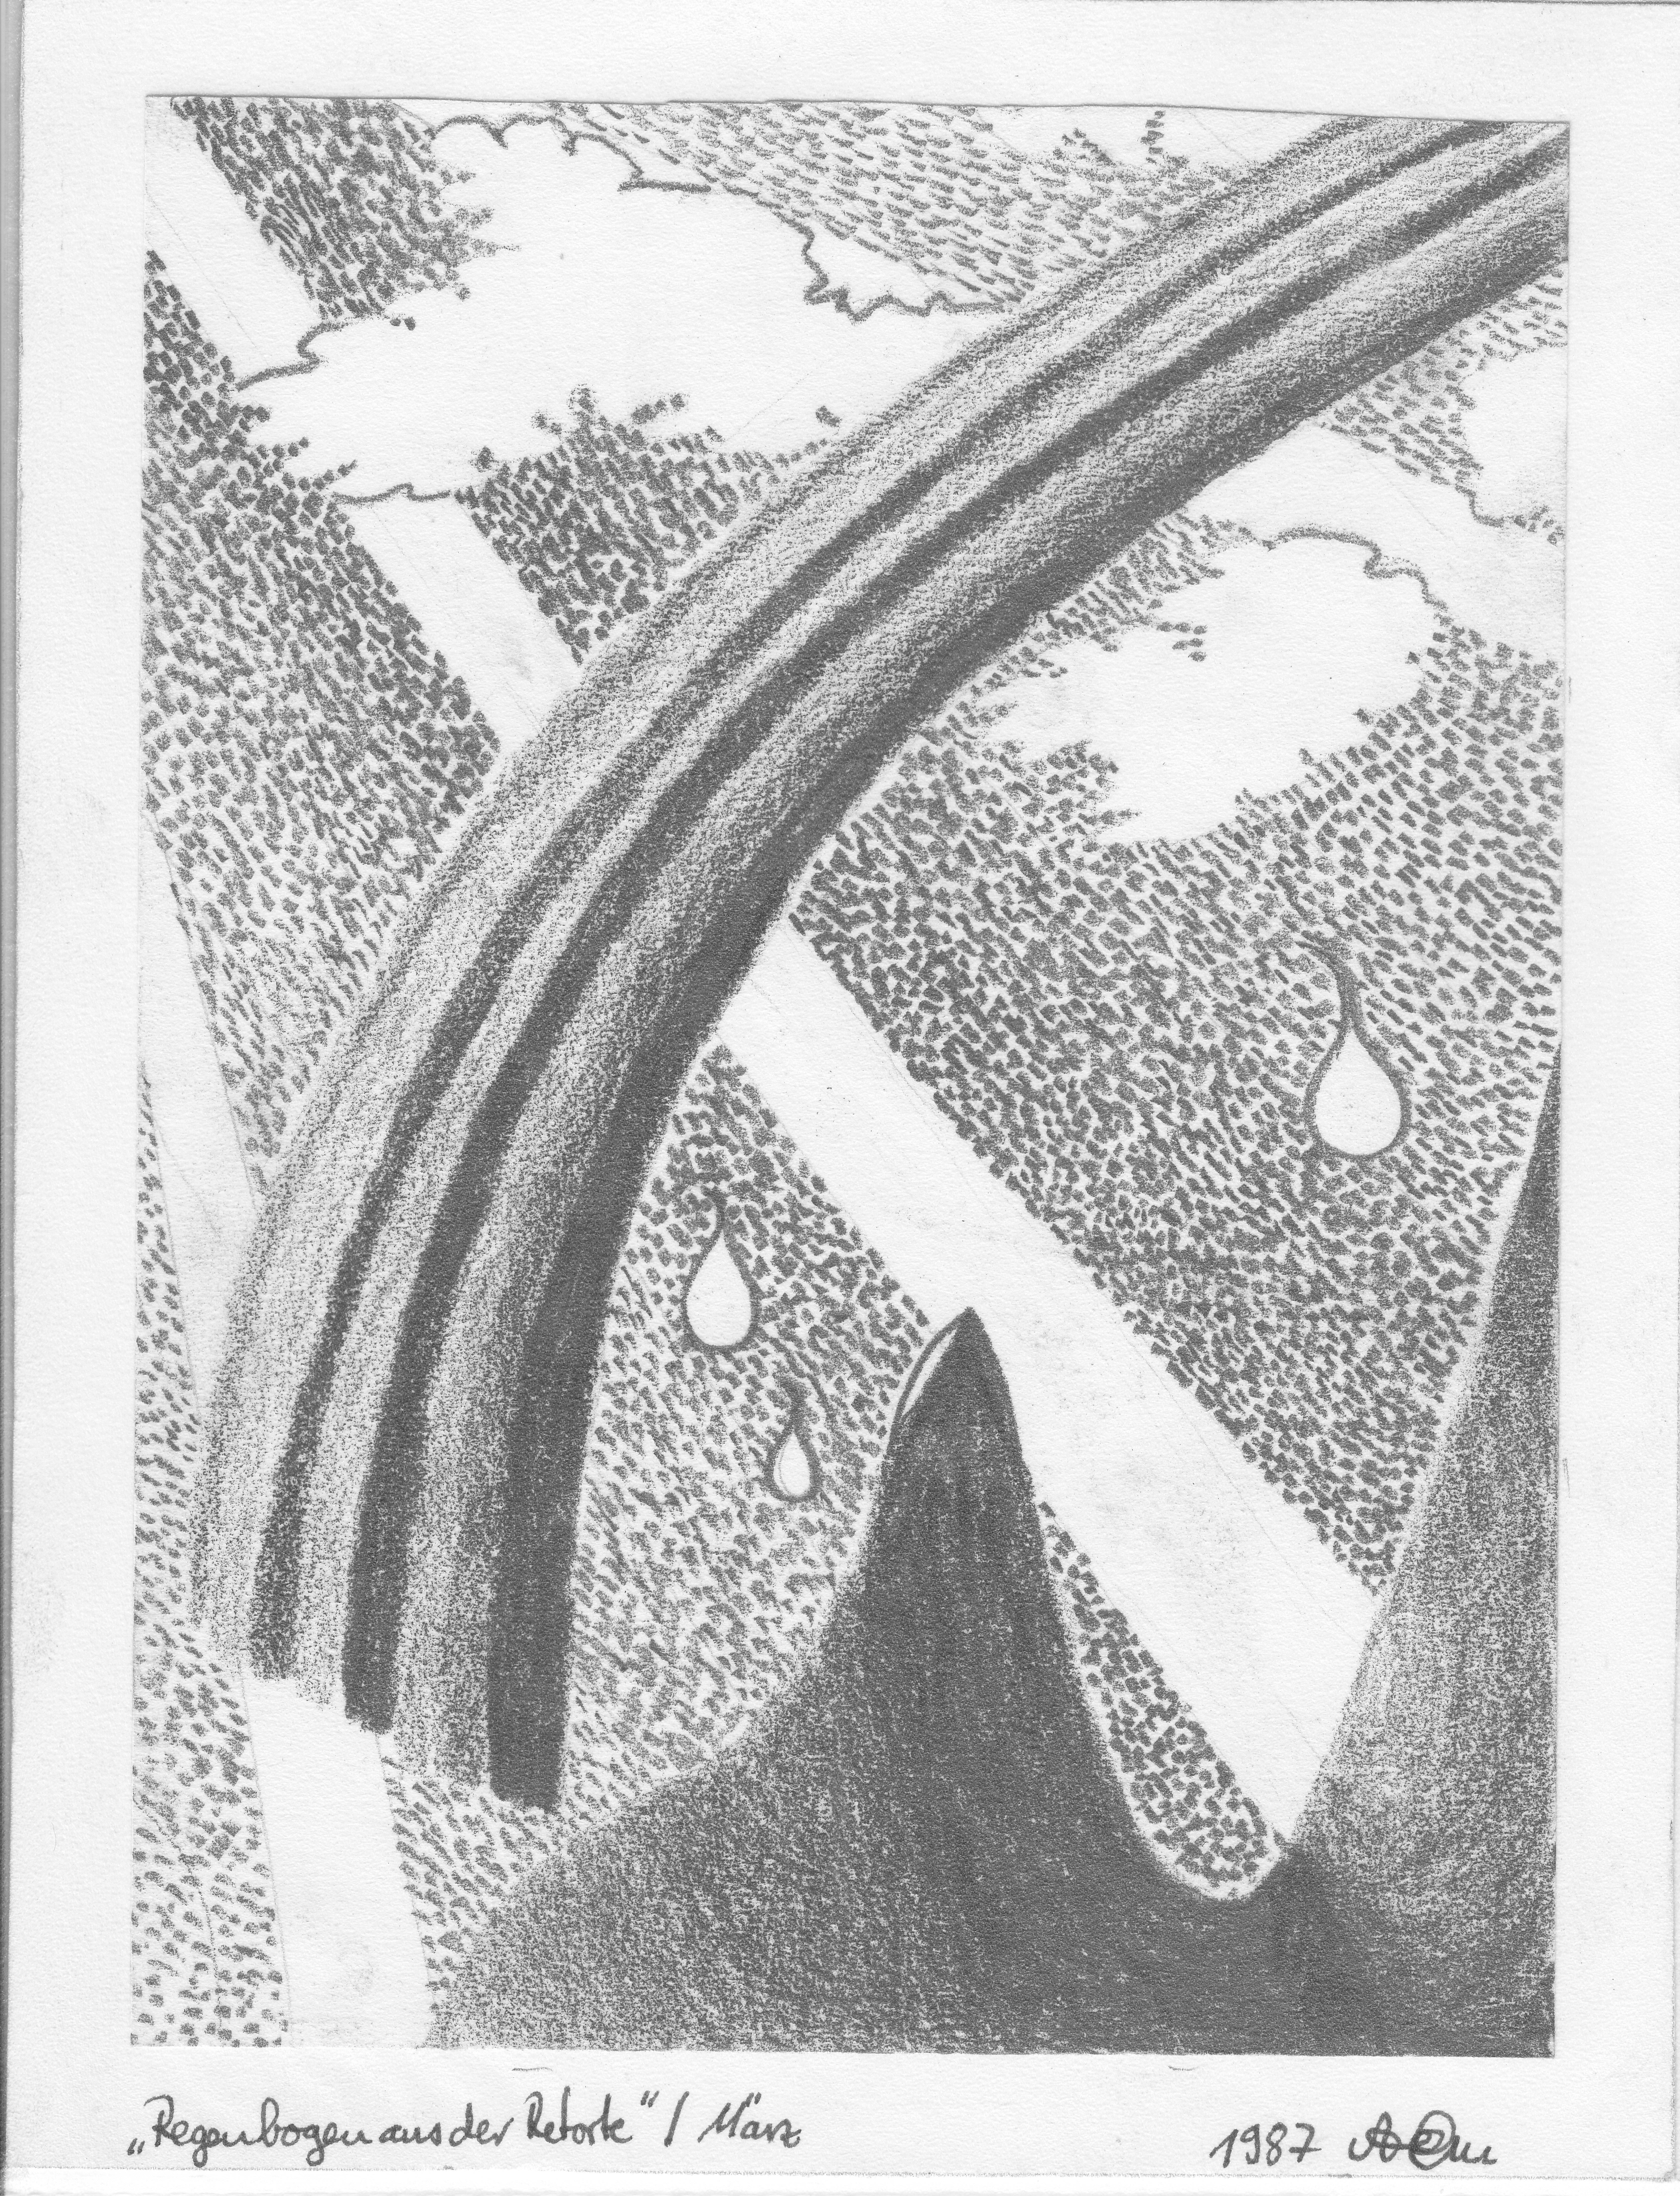 Regenbogen aus der Retorte; 1987; Graphit; imachd.